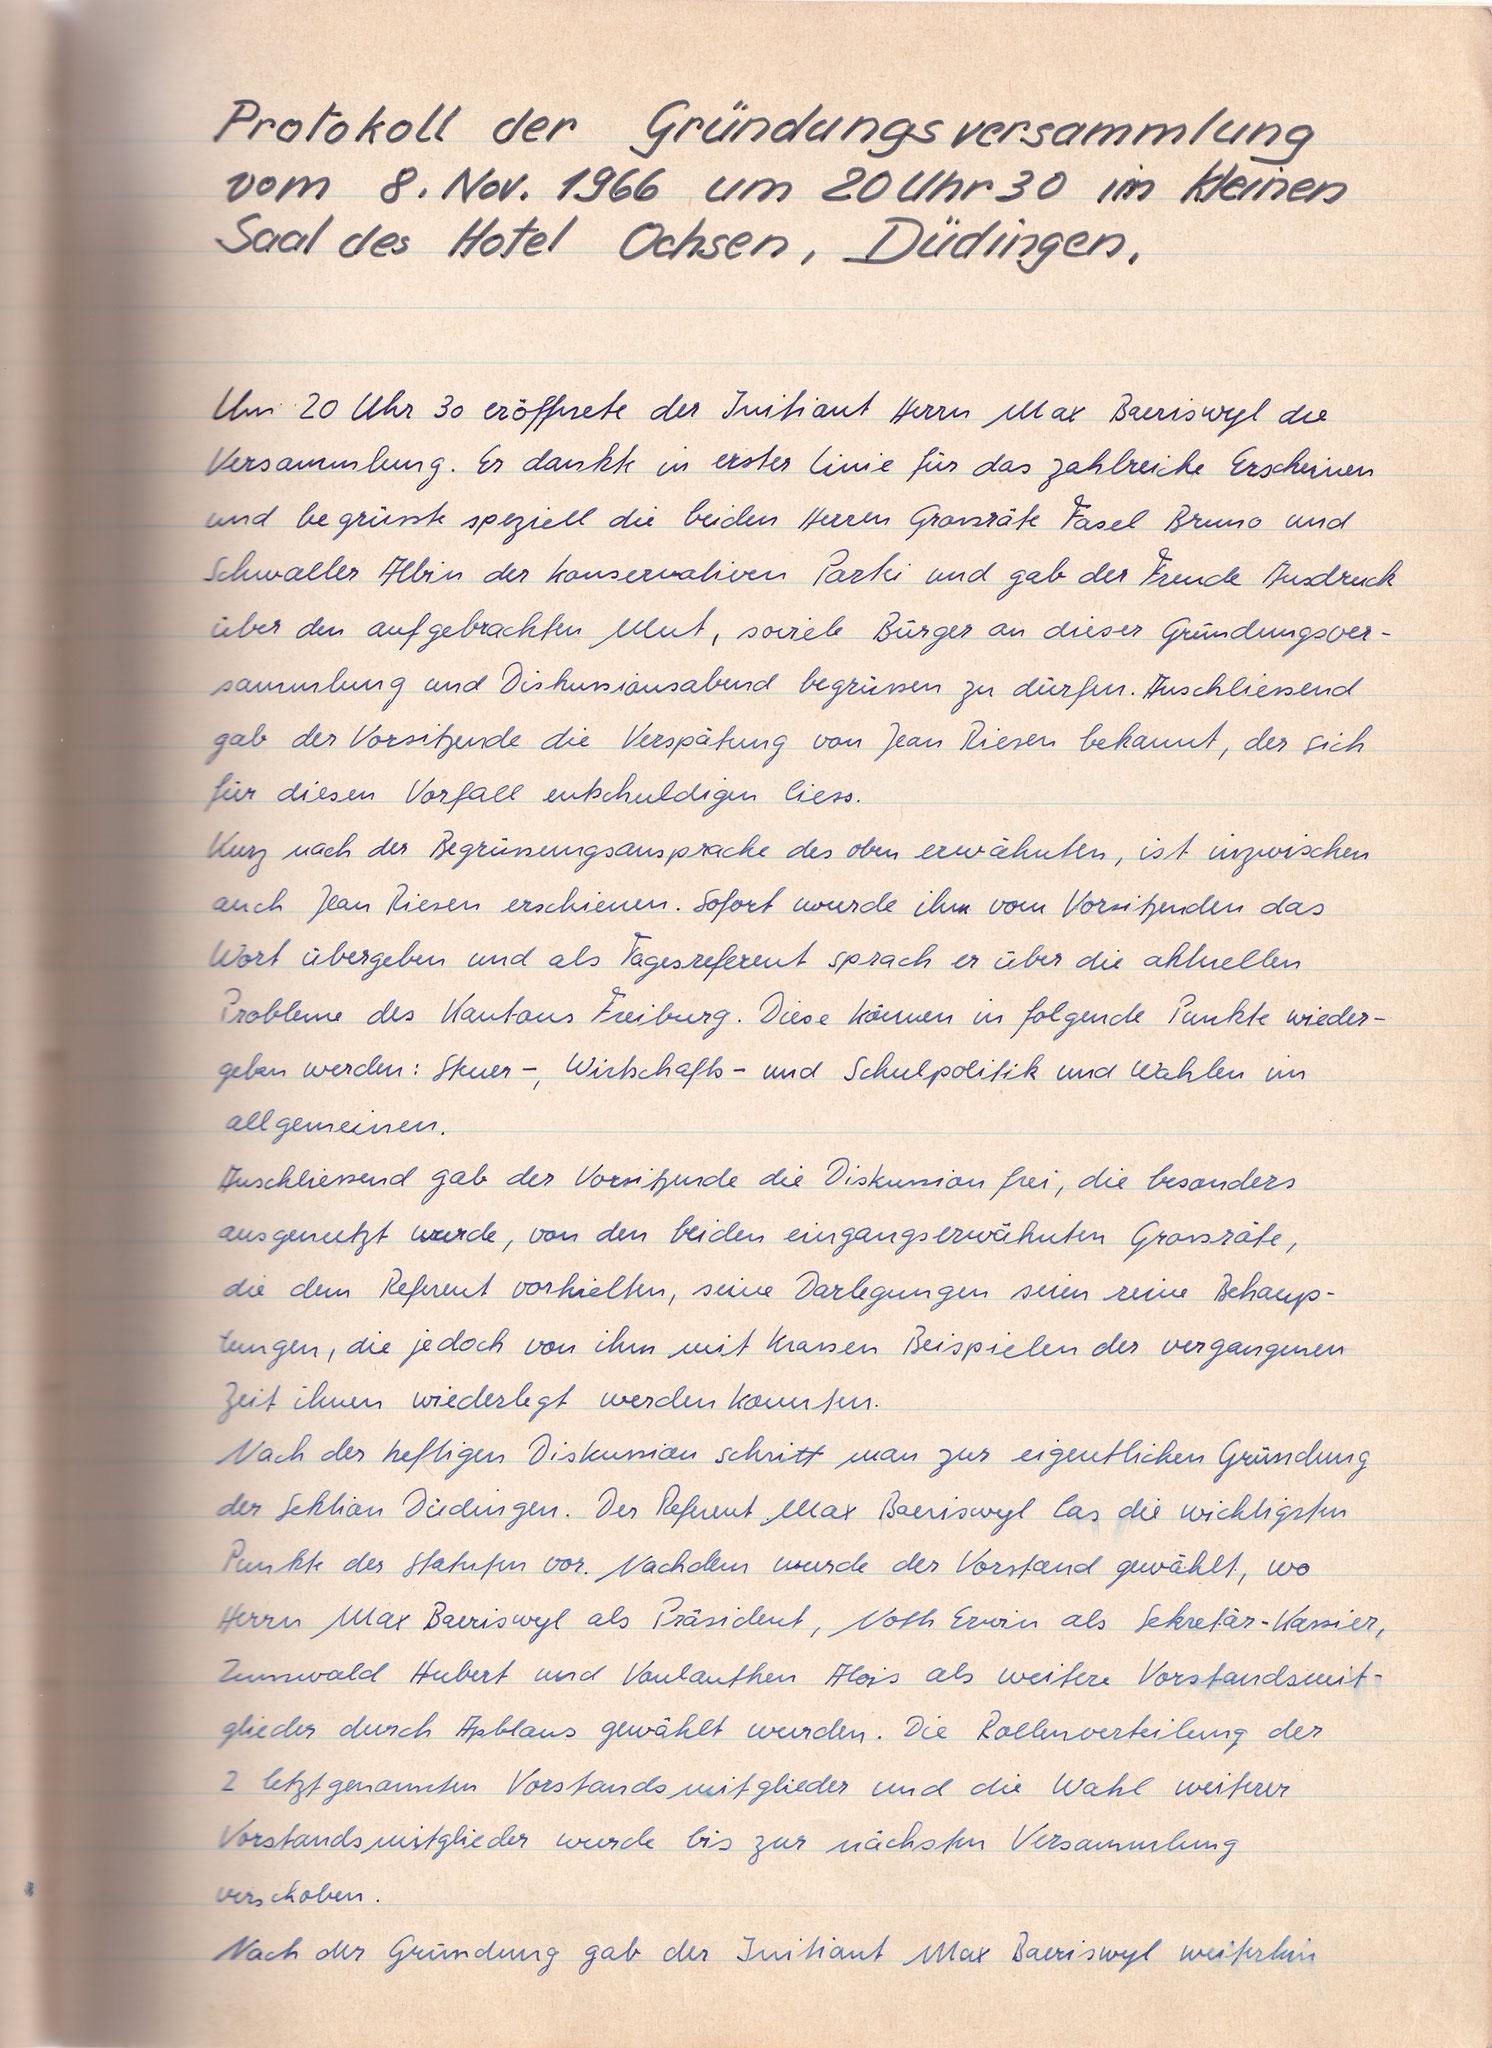 Protokoll der Gründungsversammlung vom 8. November 1966 1. Seite